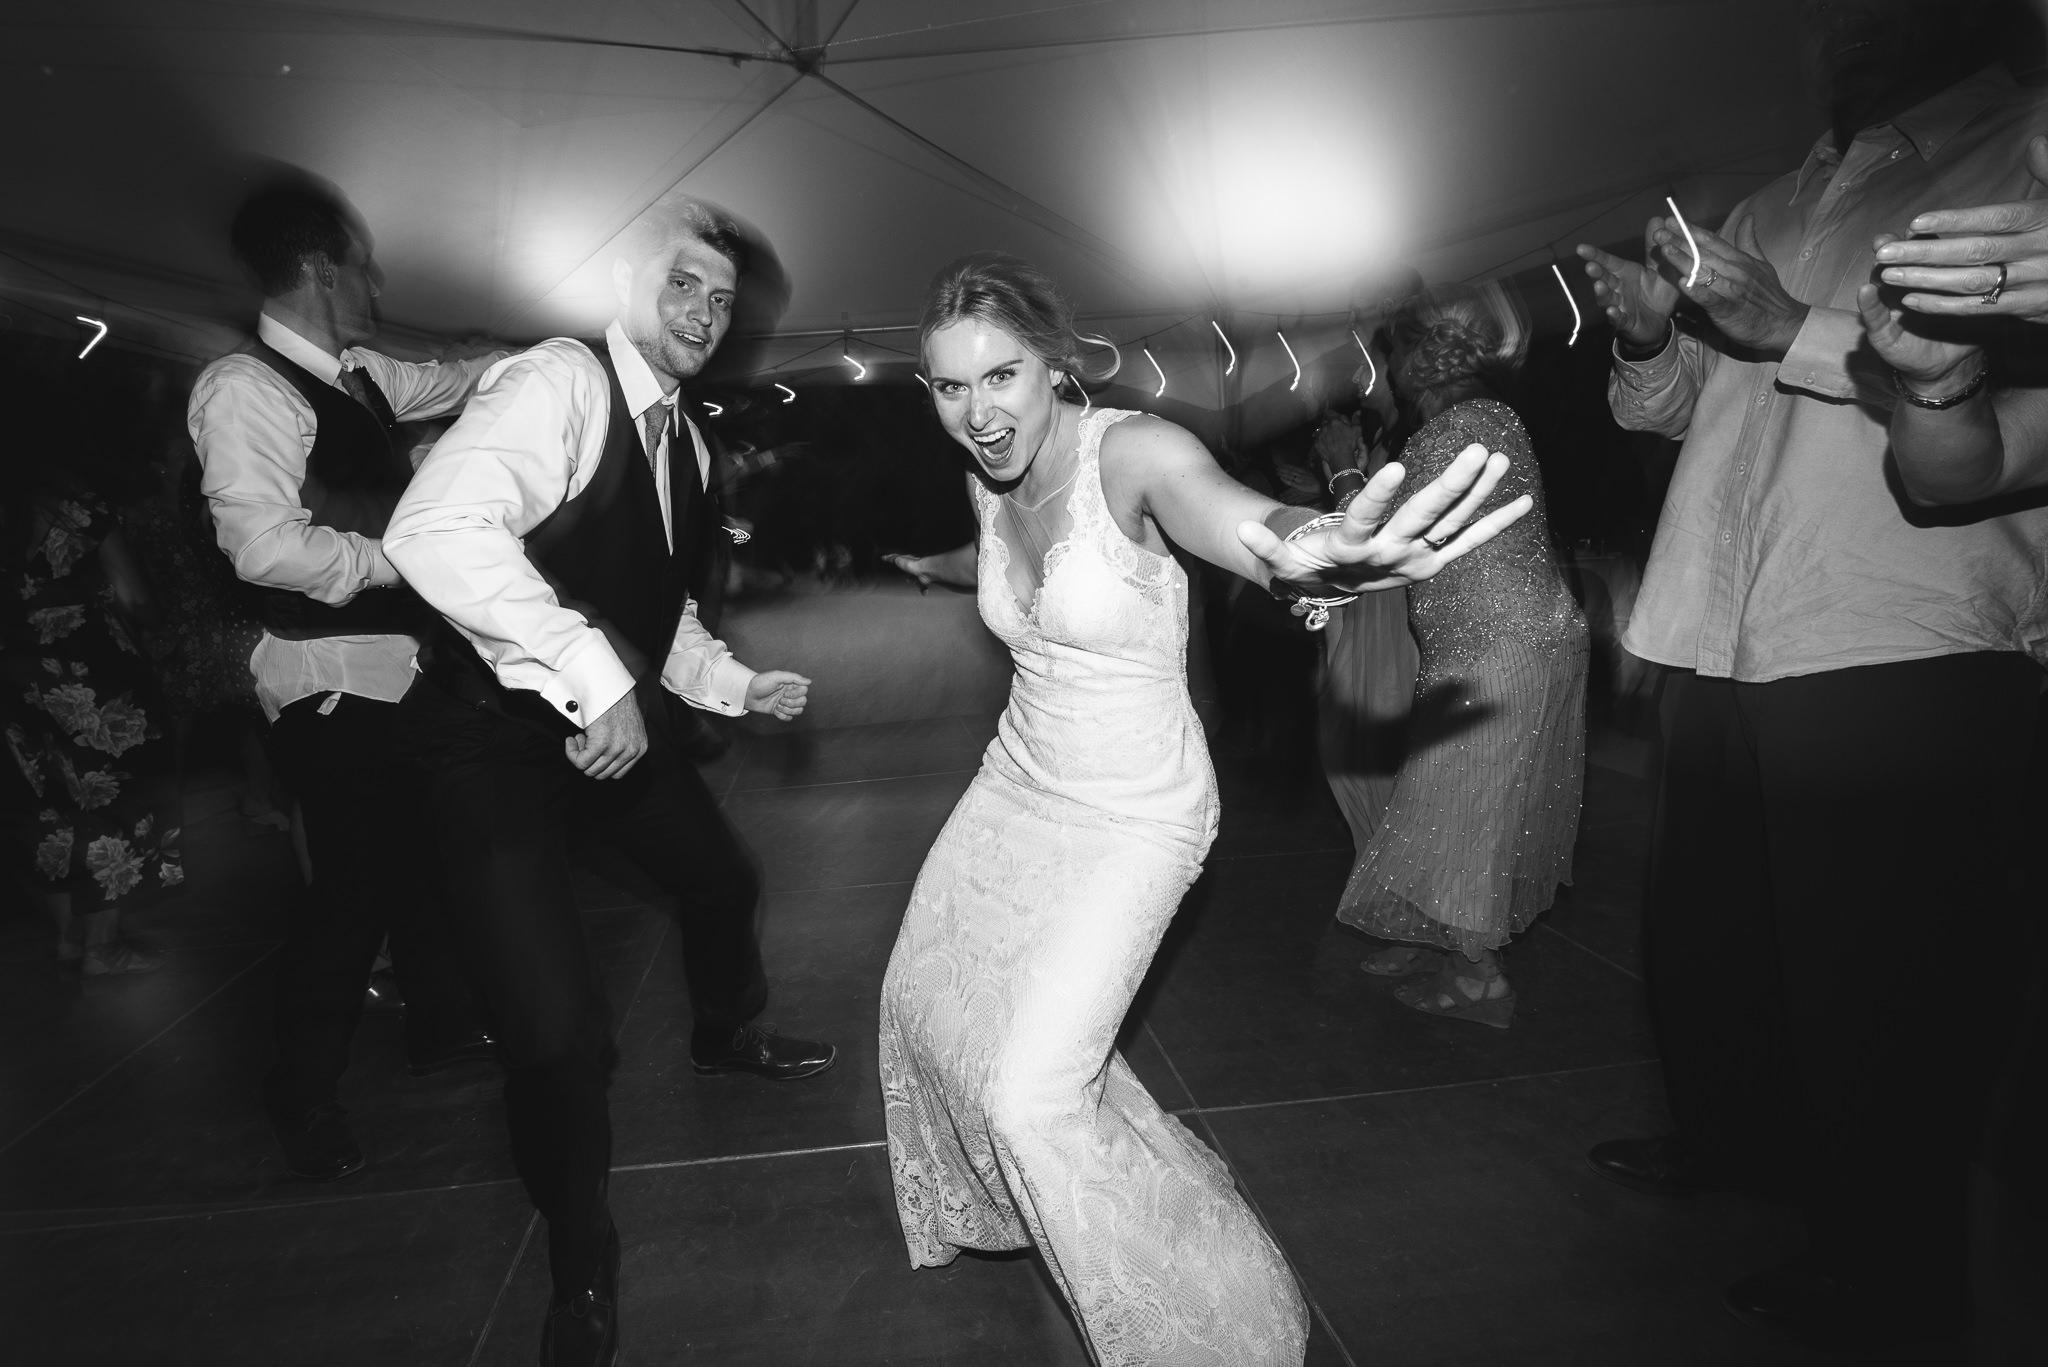 0766_BW_ONL_Babbitt_Utah_Wedding_Trevor_Hooper_Photo.jpg